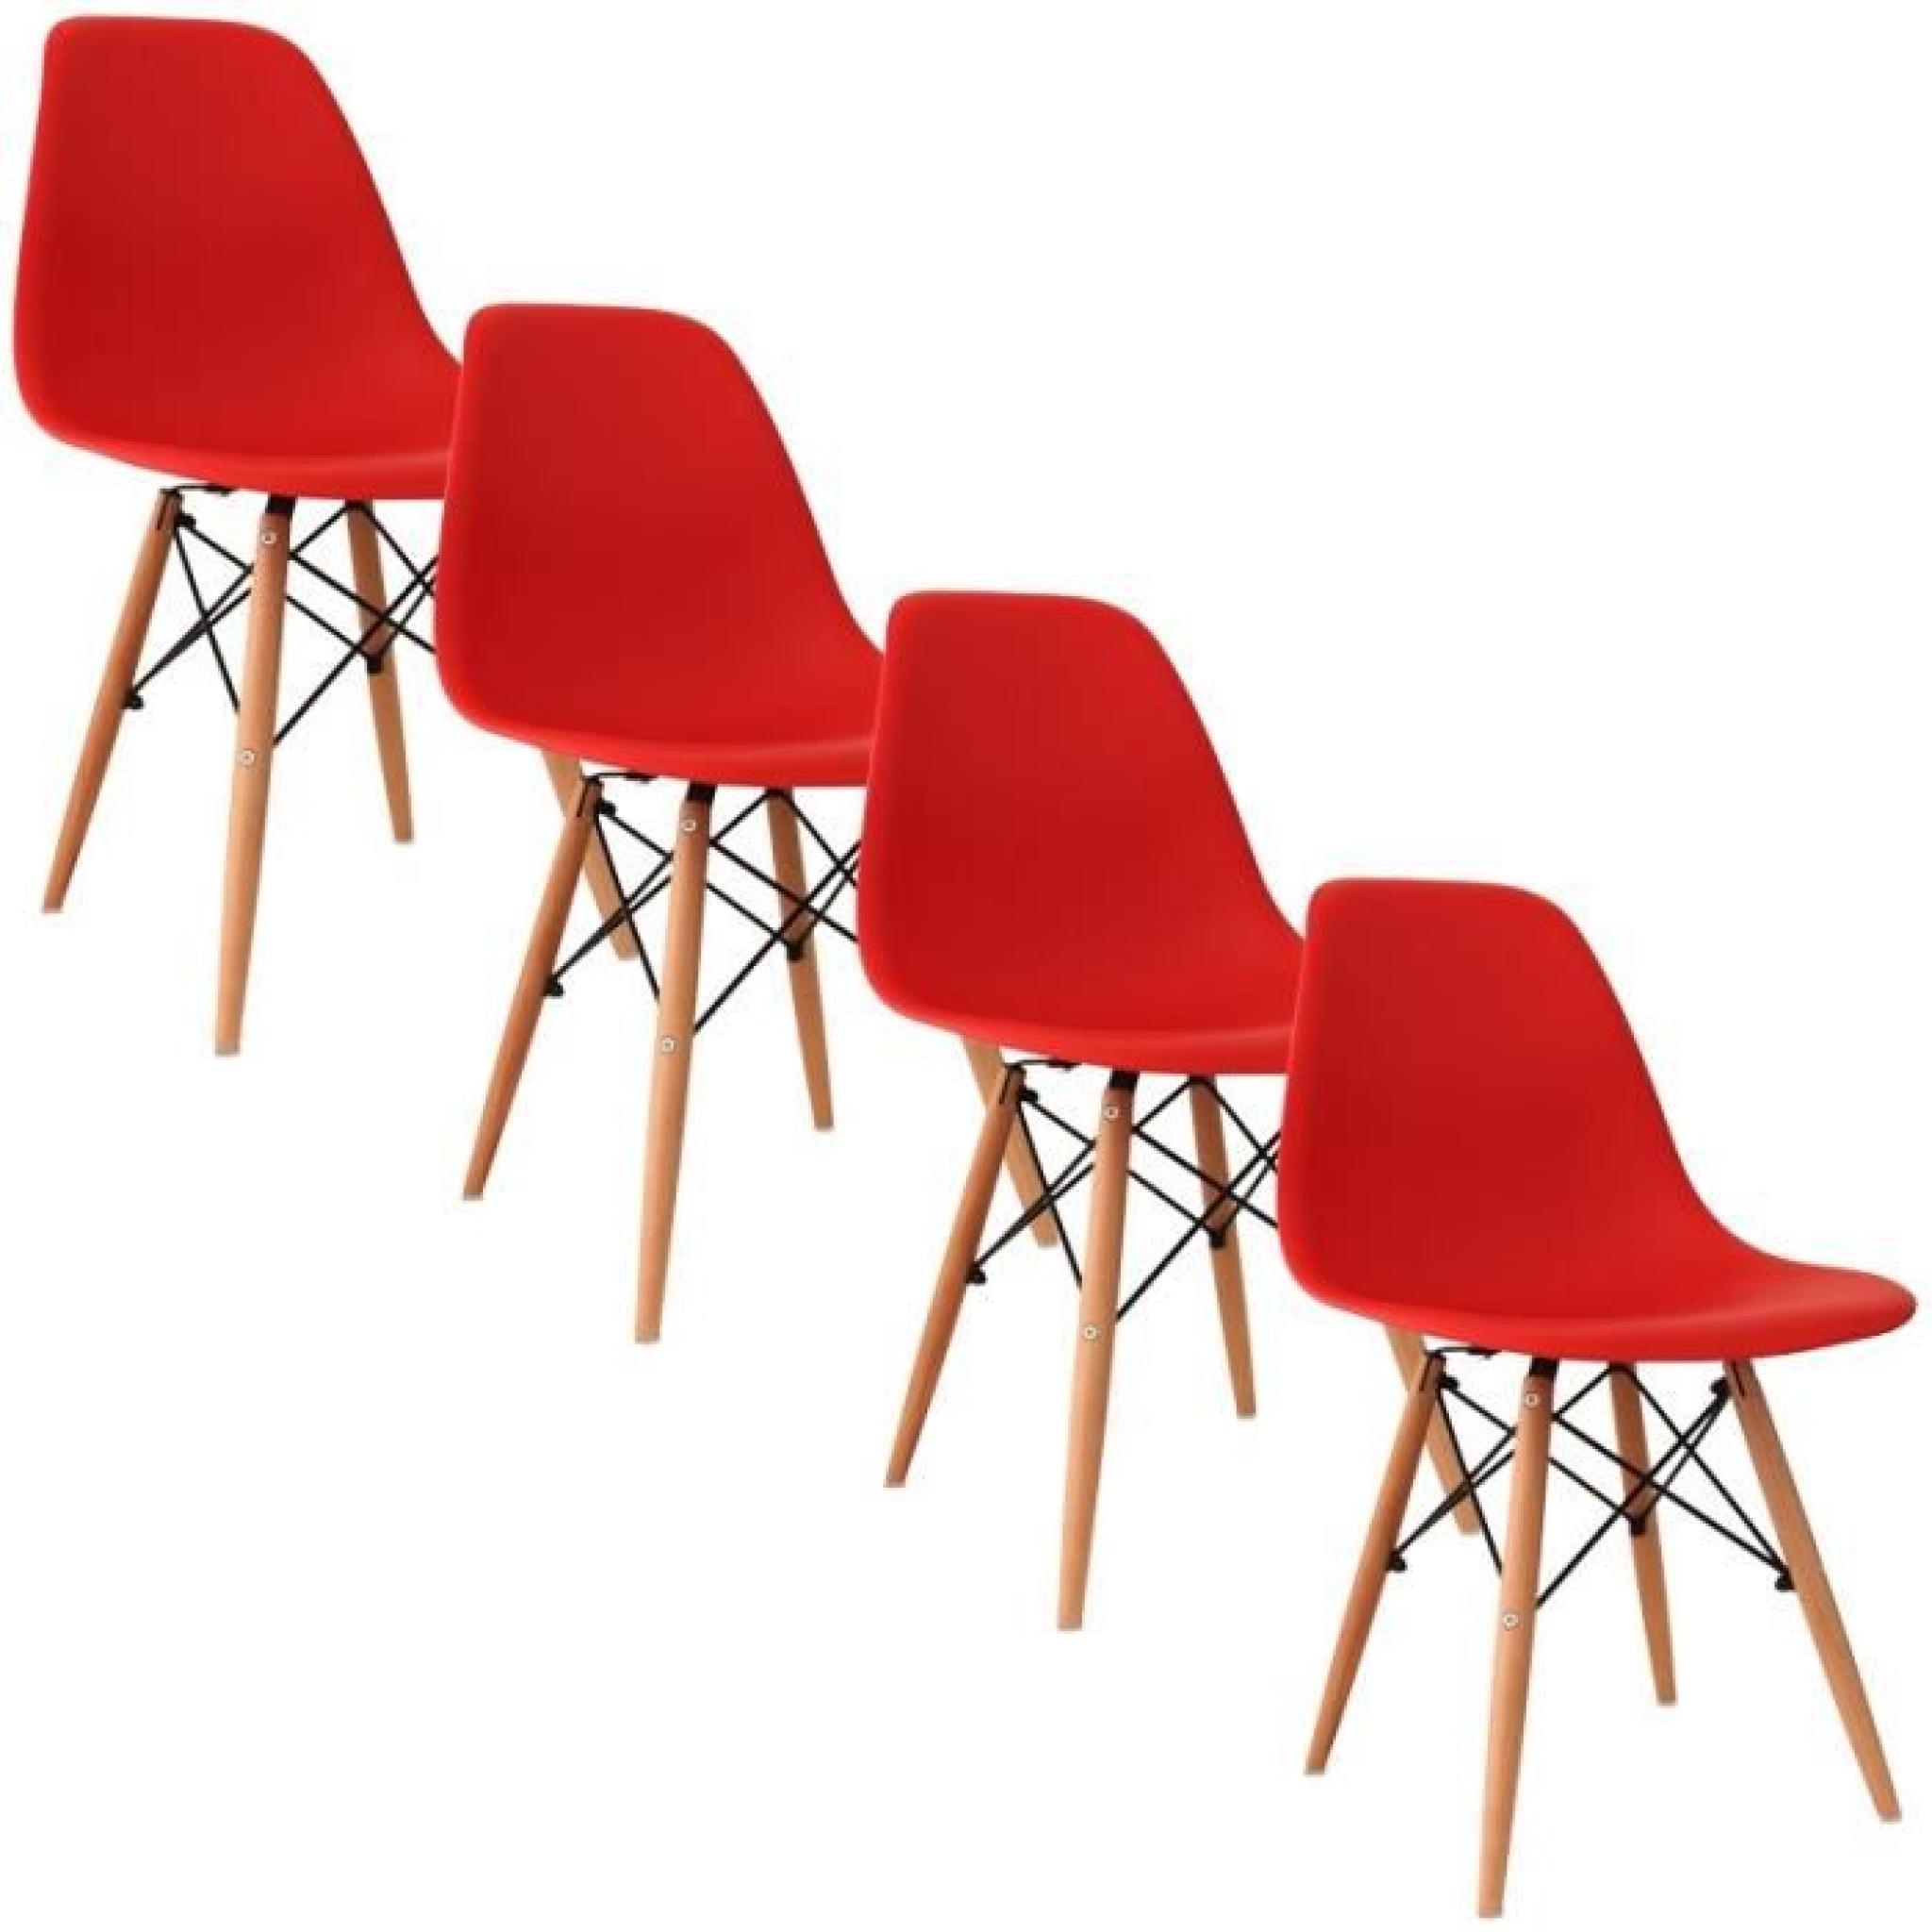 Chaise Design Rouge Pieds En Bois RETRO Lot De 4